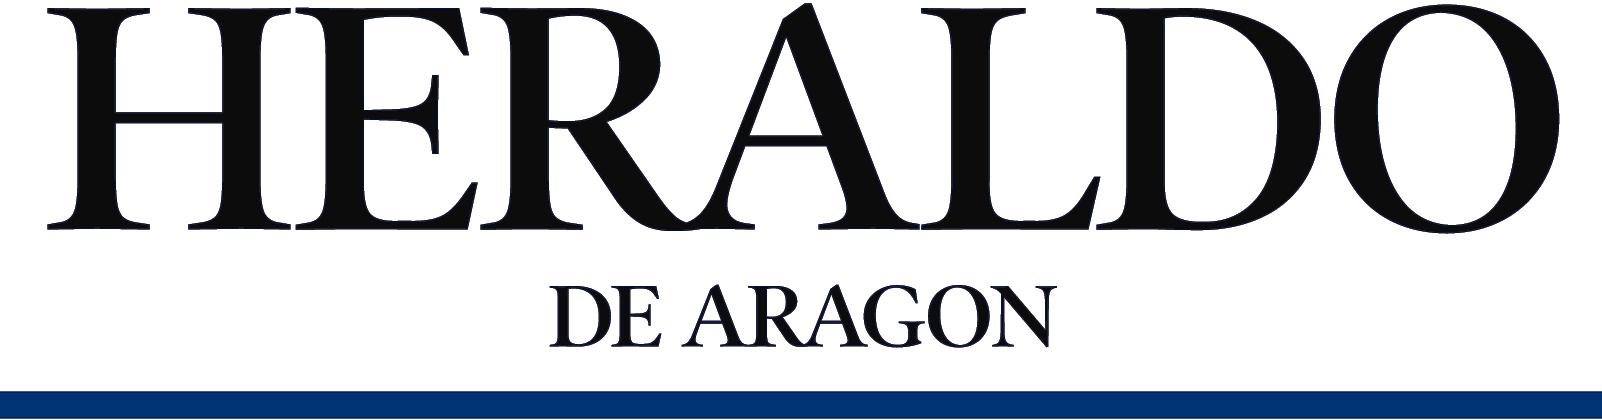 Heraldo de Aragón - Hemos hecho unamística de la Ilustración, pero estuvo plagada de fracasos